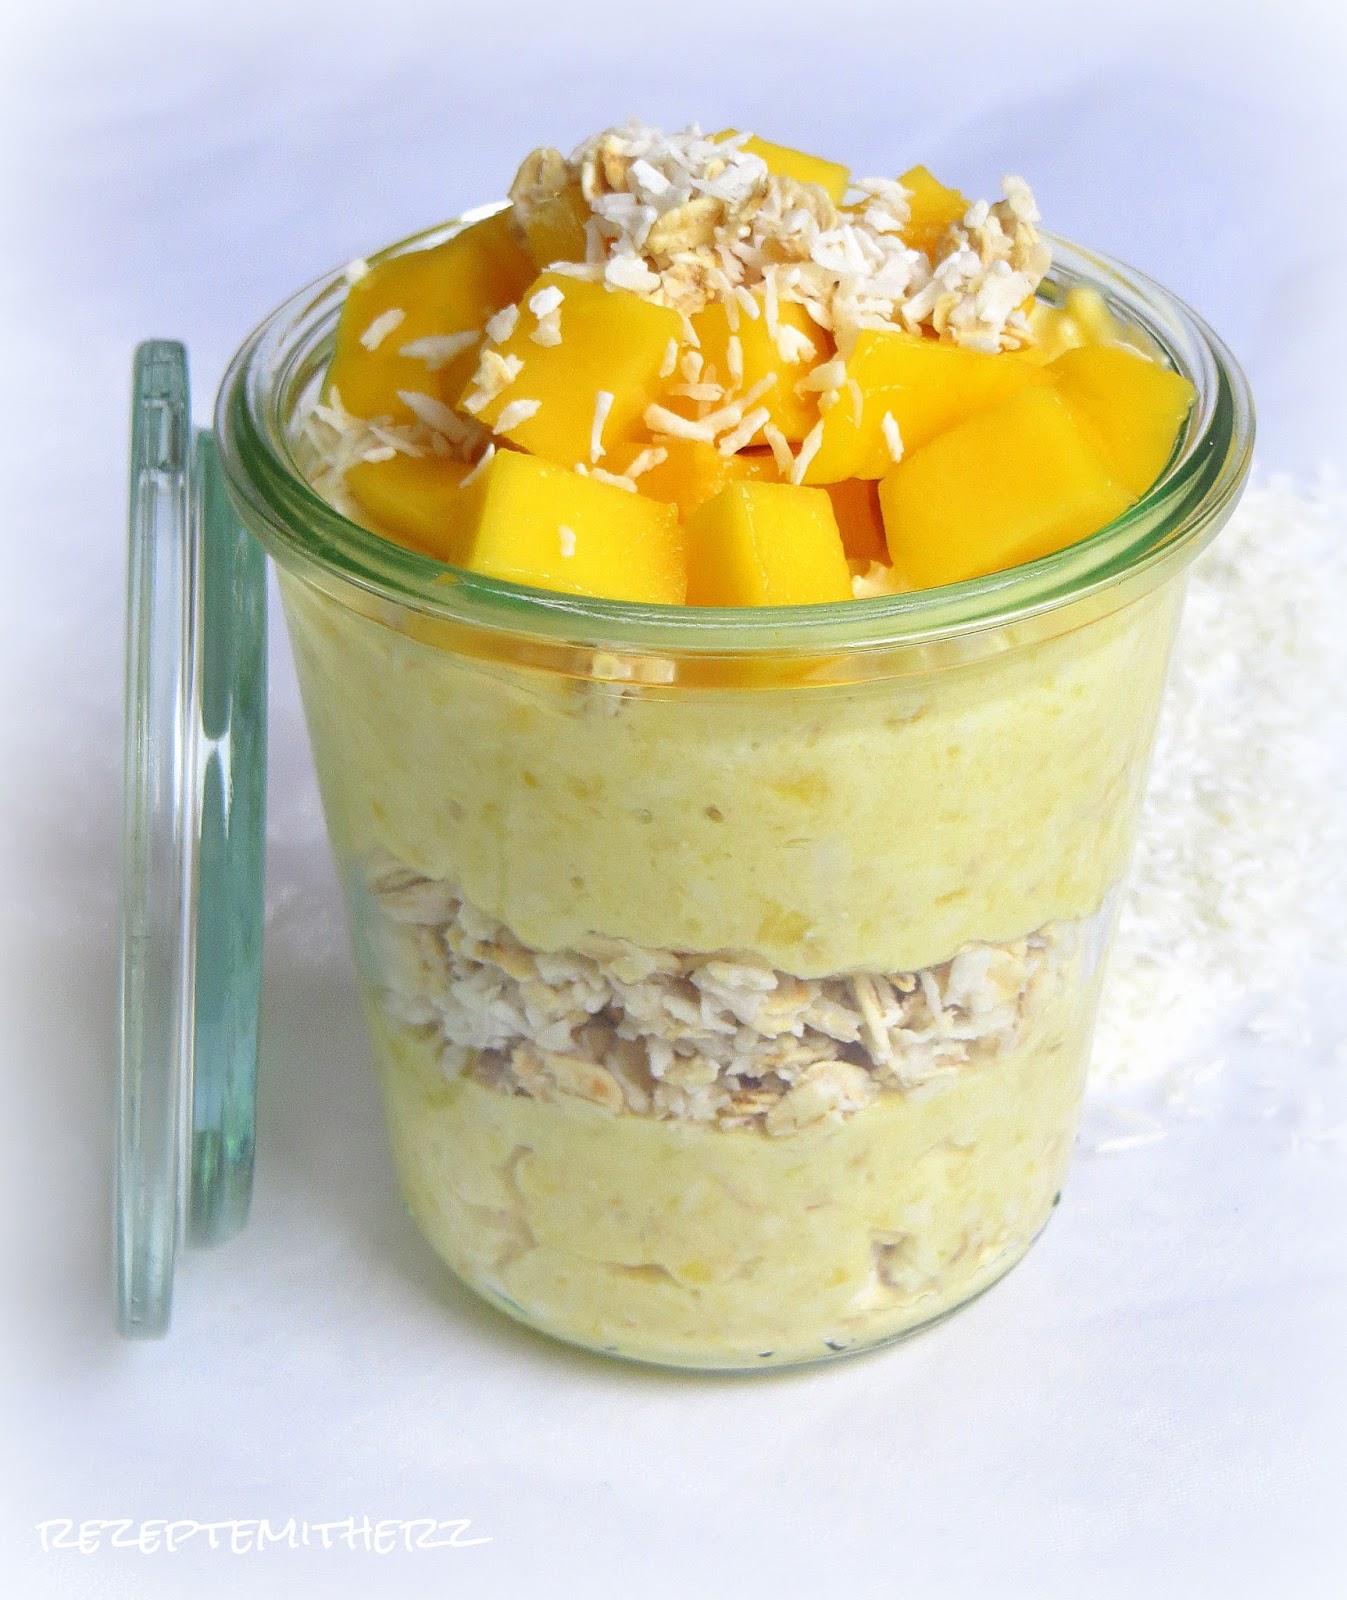 rezepte mit herz mango joghurt mit kokos haferflocken. Black Bedroom Furniture Sets. Home Design Ideas